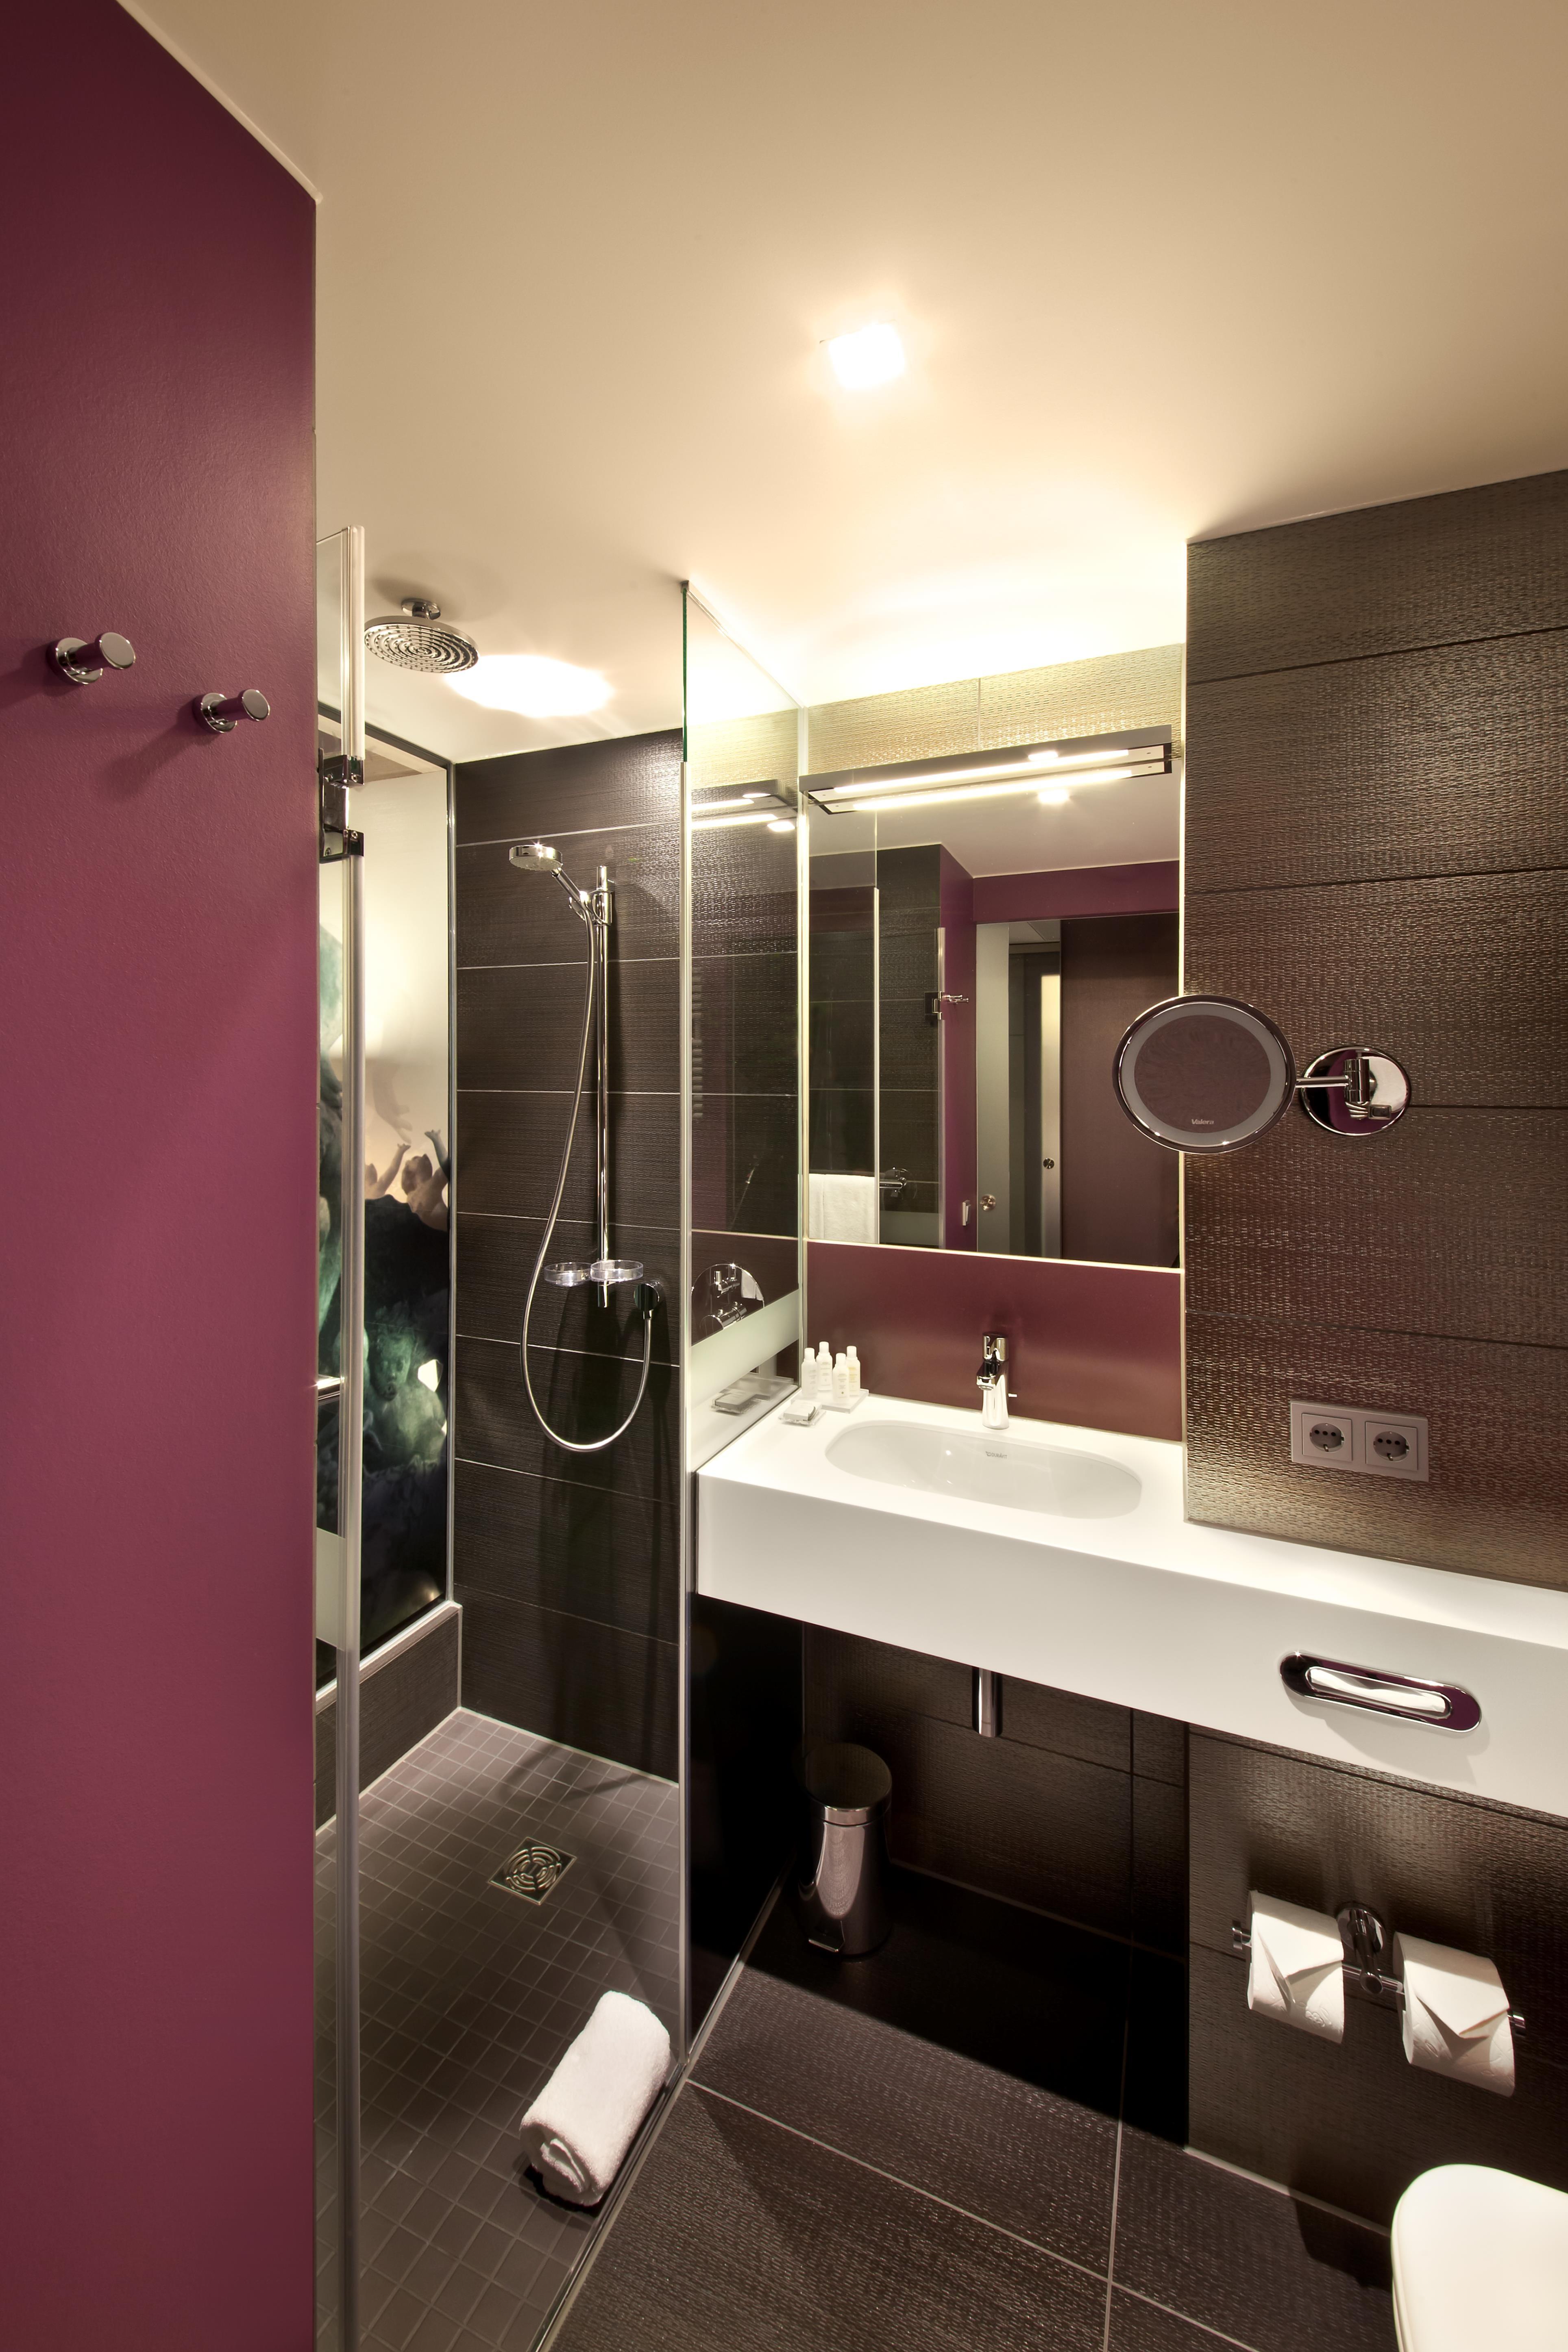 piso casa habitacin iluminacin apartamento diseo de interiores bao diseo hotel berlina suite arreglo de